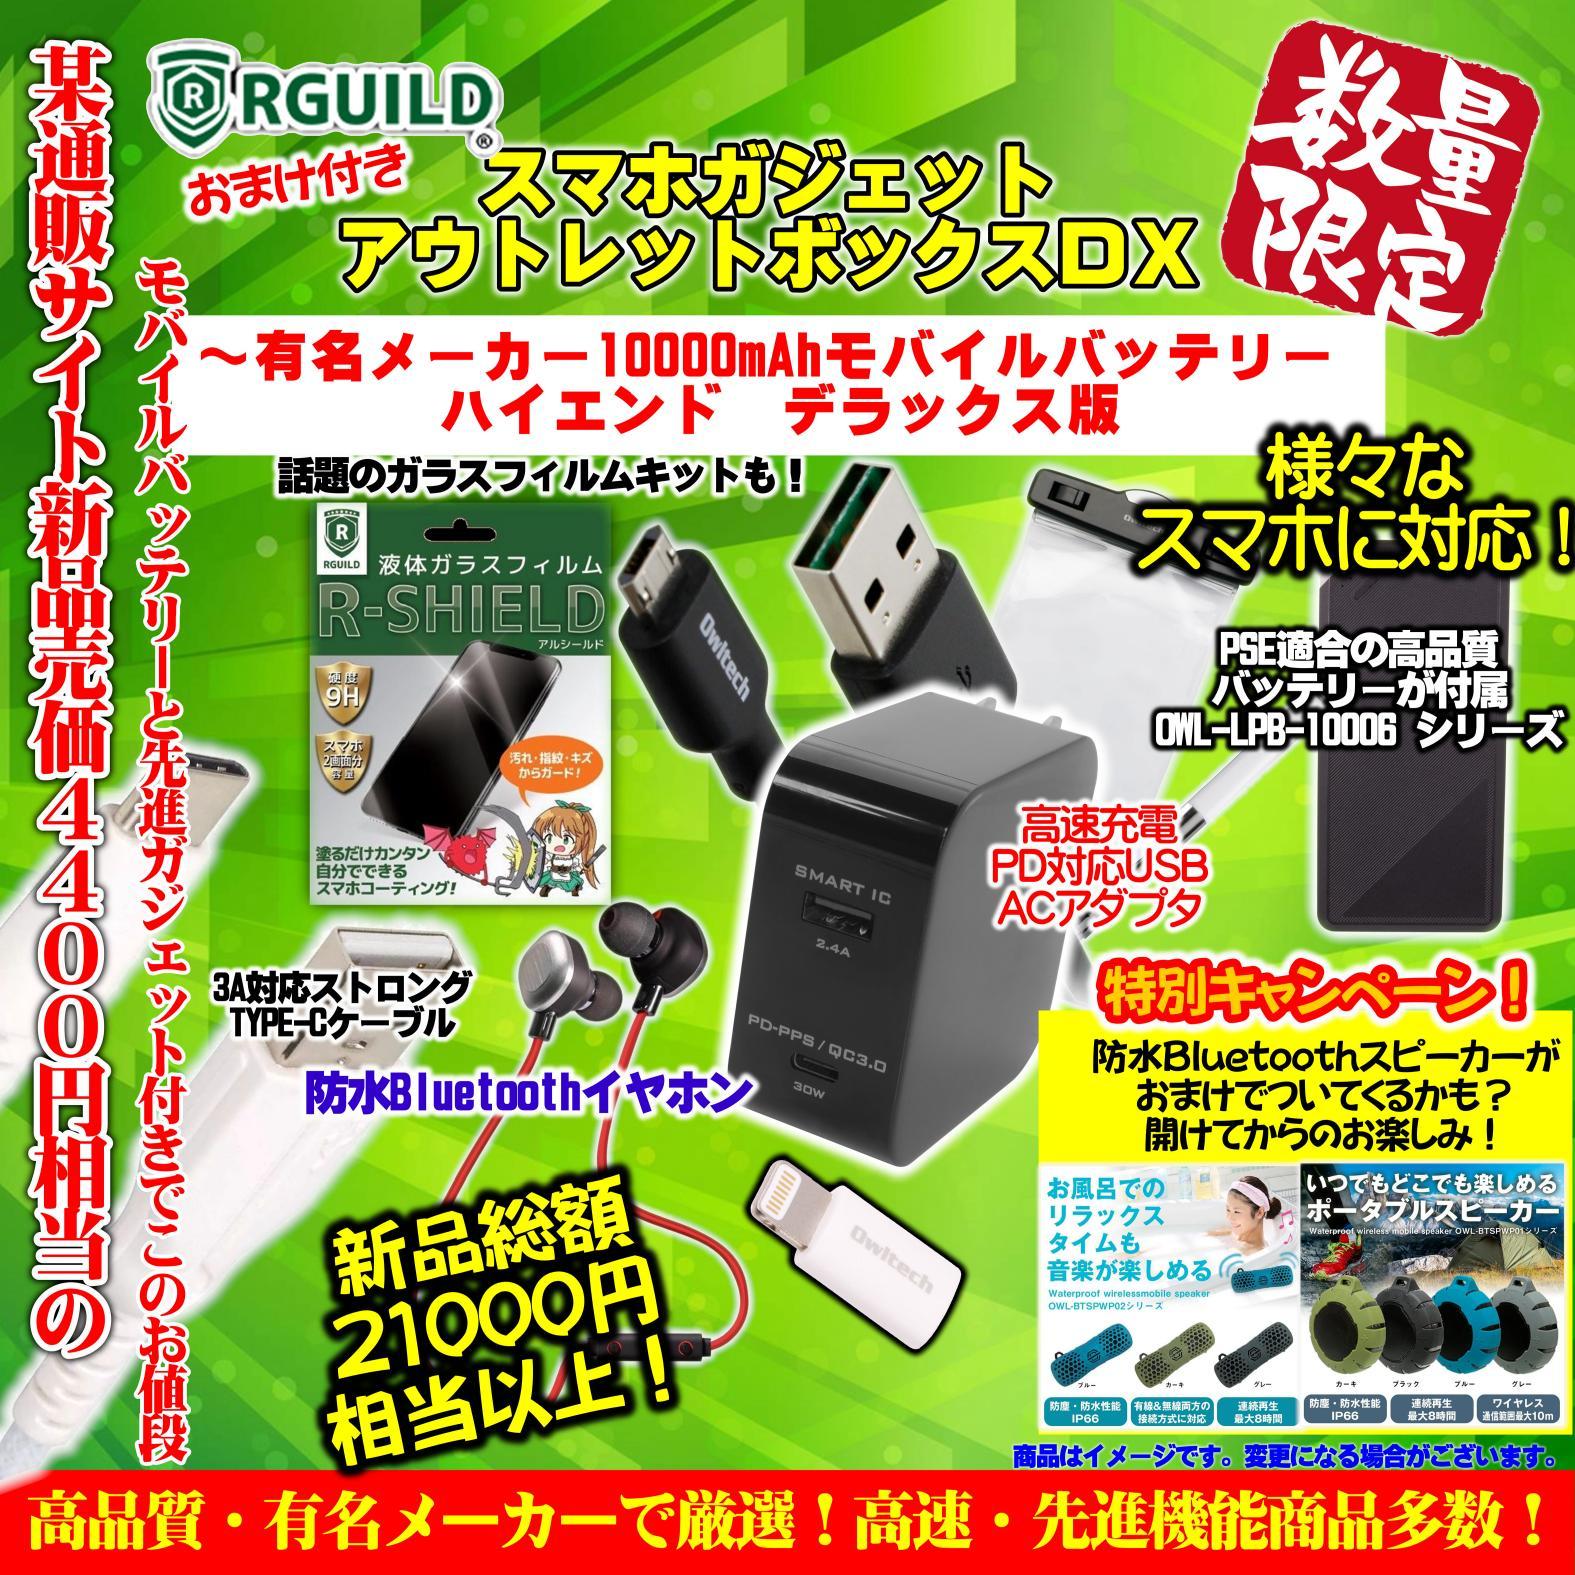 感染症対策応援BOX Bluetoothスピーカーが当たるかも!スマホガジェット福袋 大容量10000mAhモバイルバッテリー・アウトレット デラックス